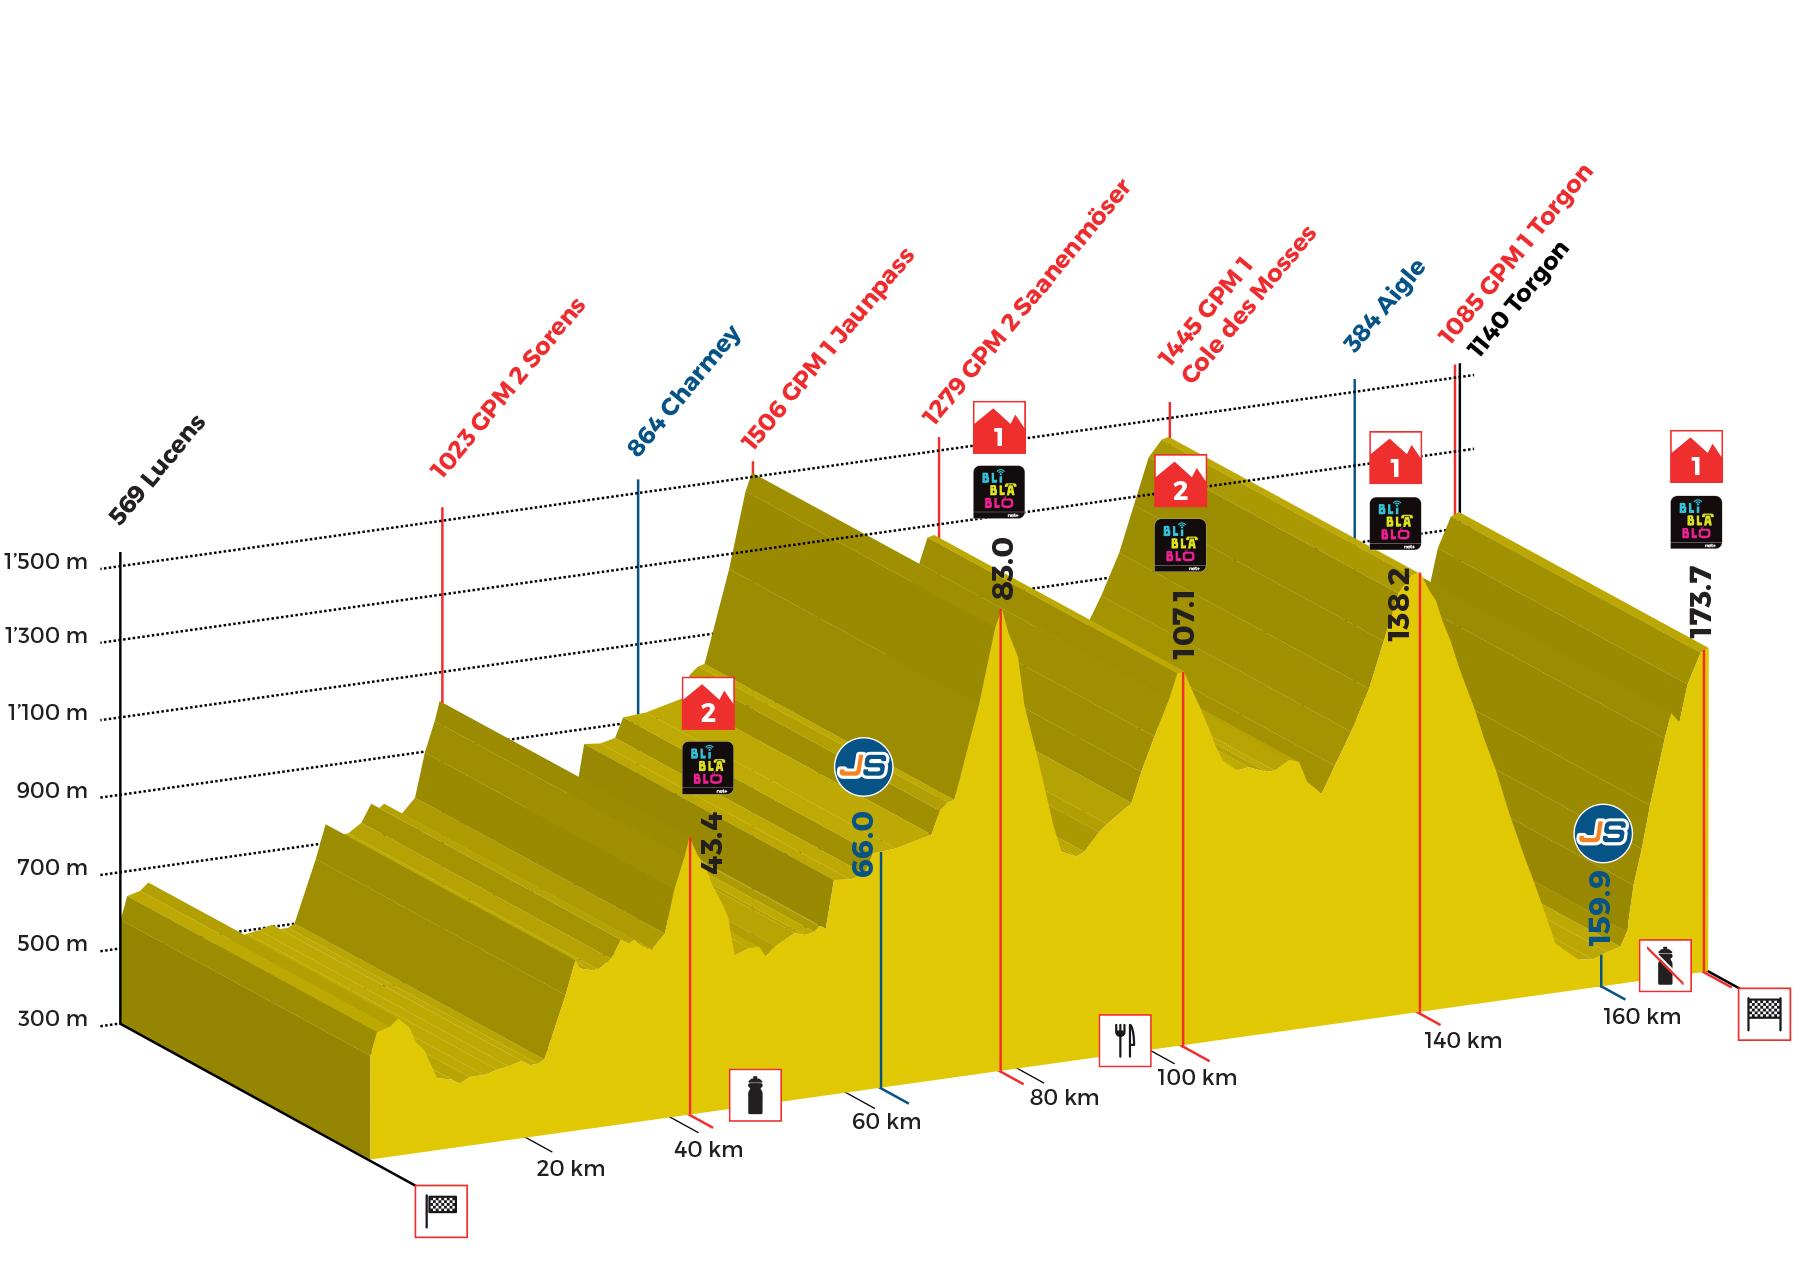 Tour de Romandie - Page 4 Profil-5